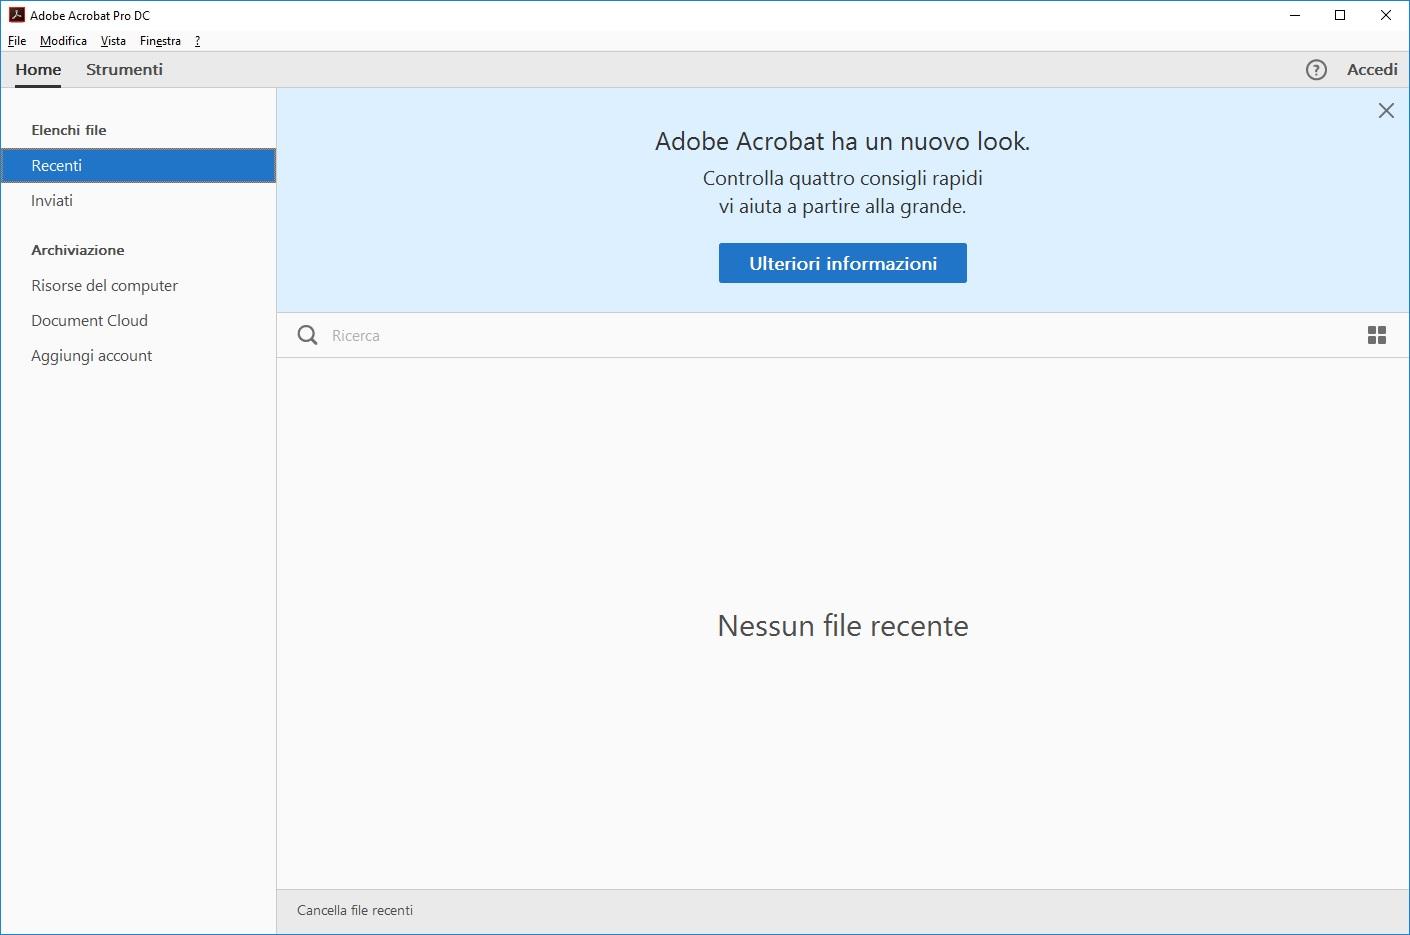 Adobe Acrobat Pro DC 2019.010.20100 Preattivato - Ita